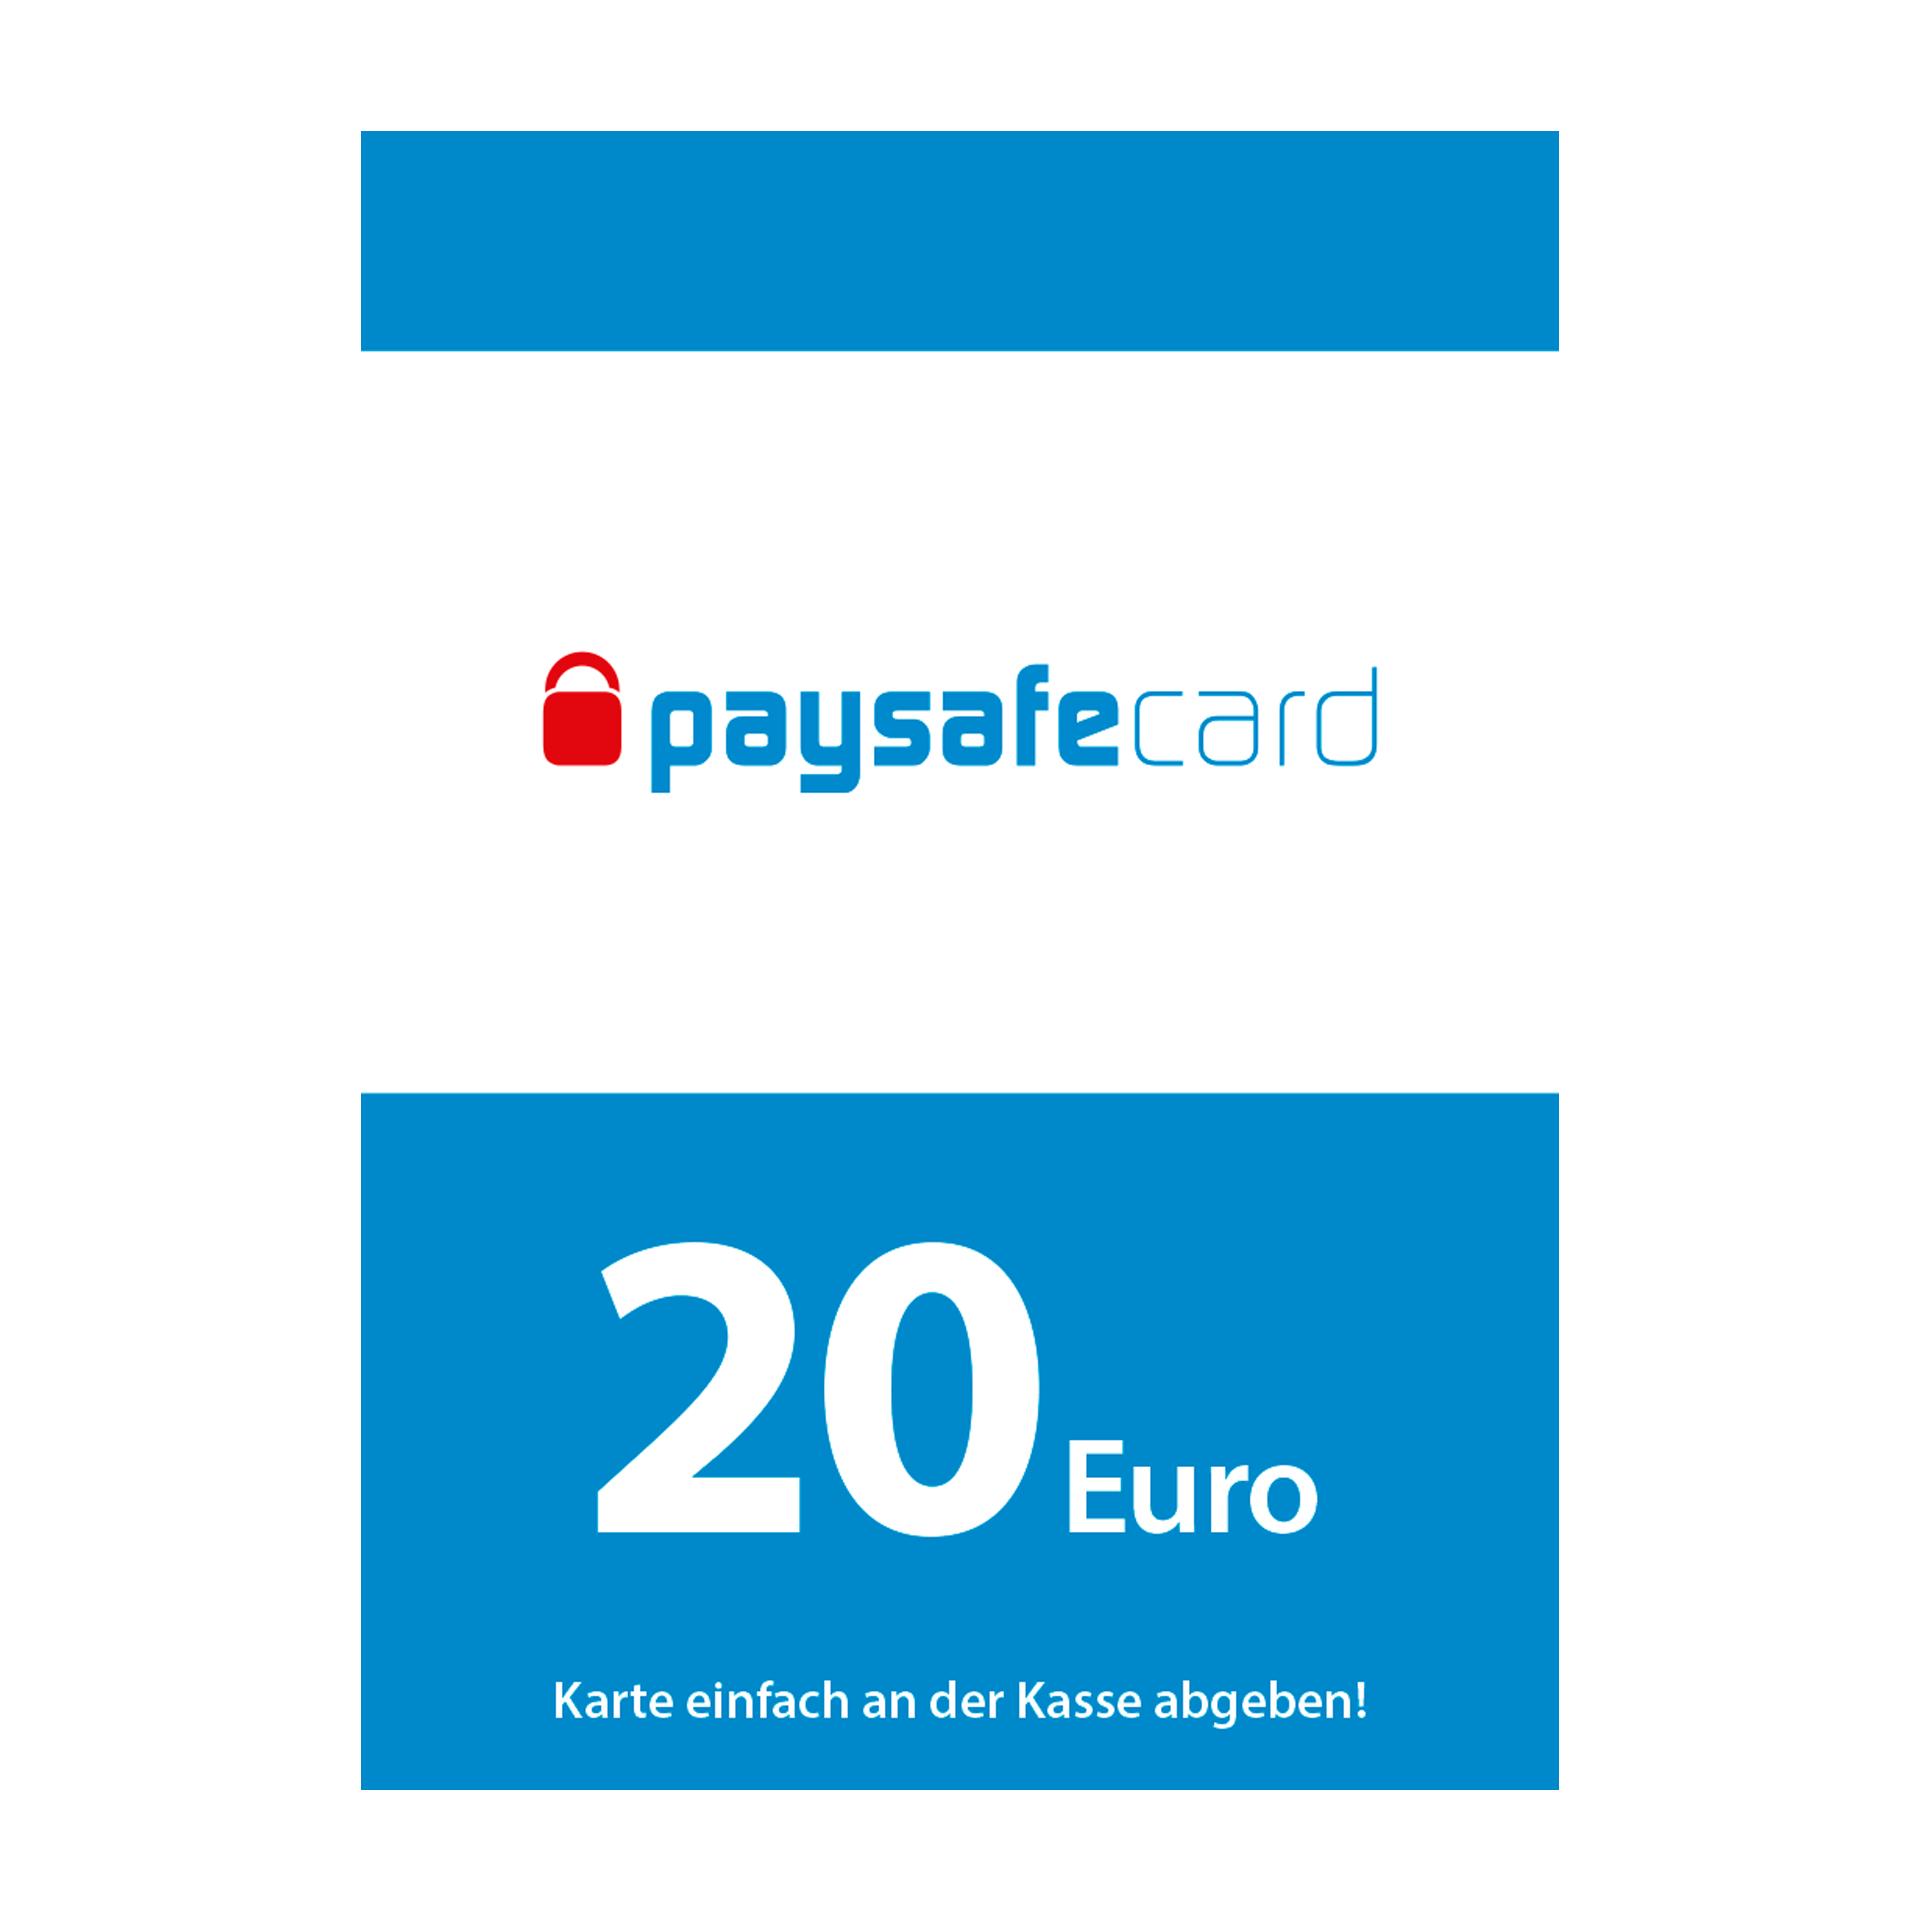 Handyrechnung bezahlen mit paysafecard EASY: Paysafecard